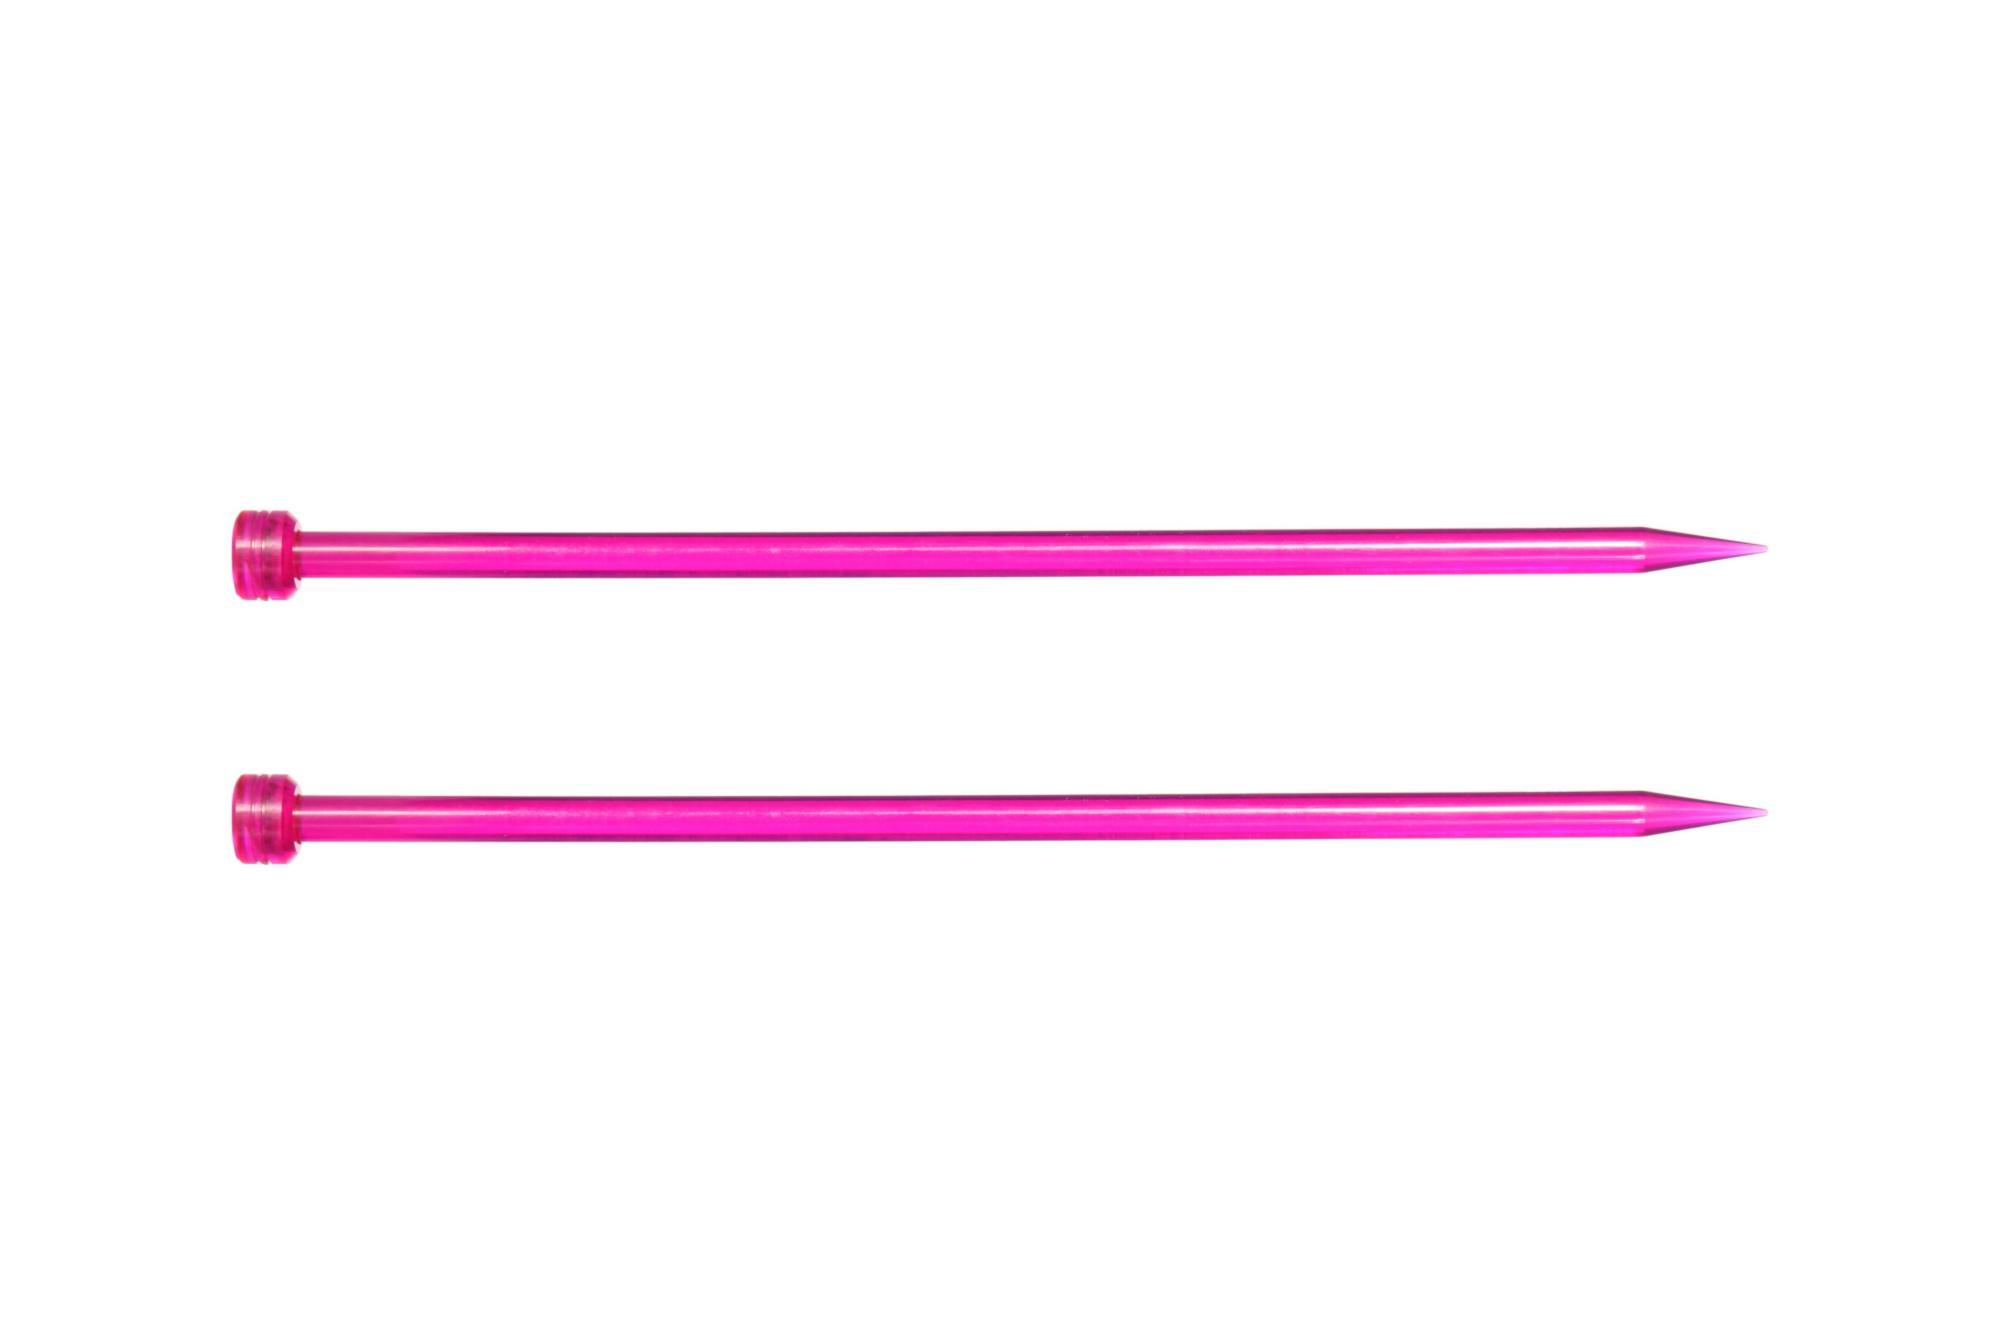 Спицы прямые 30 см Trendz KnitPro, 51198, 8.00 мм